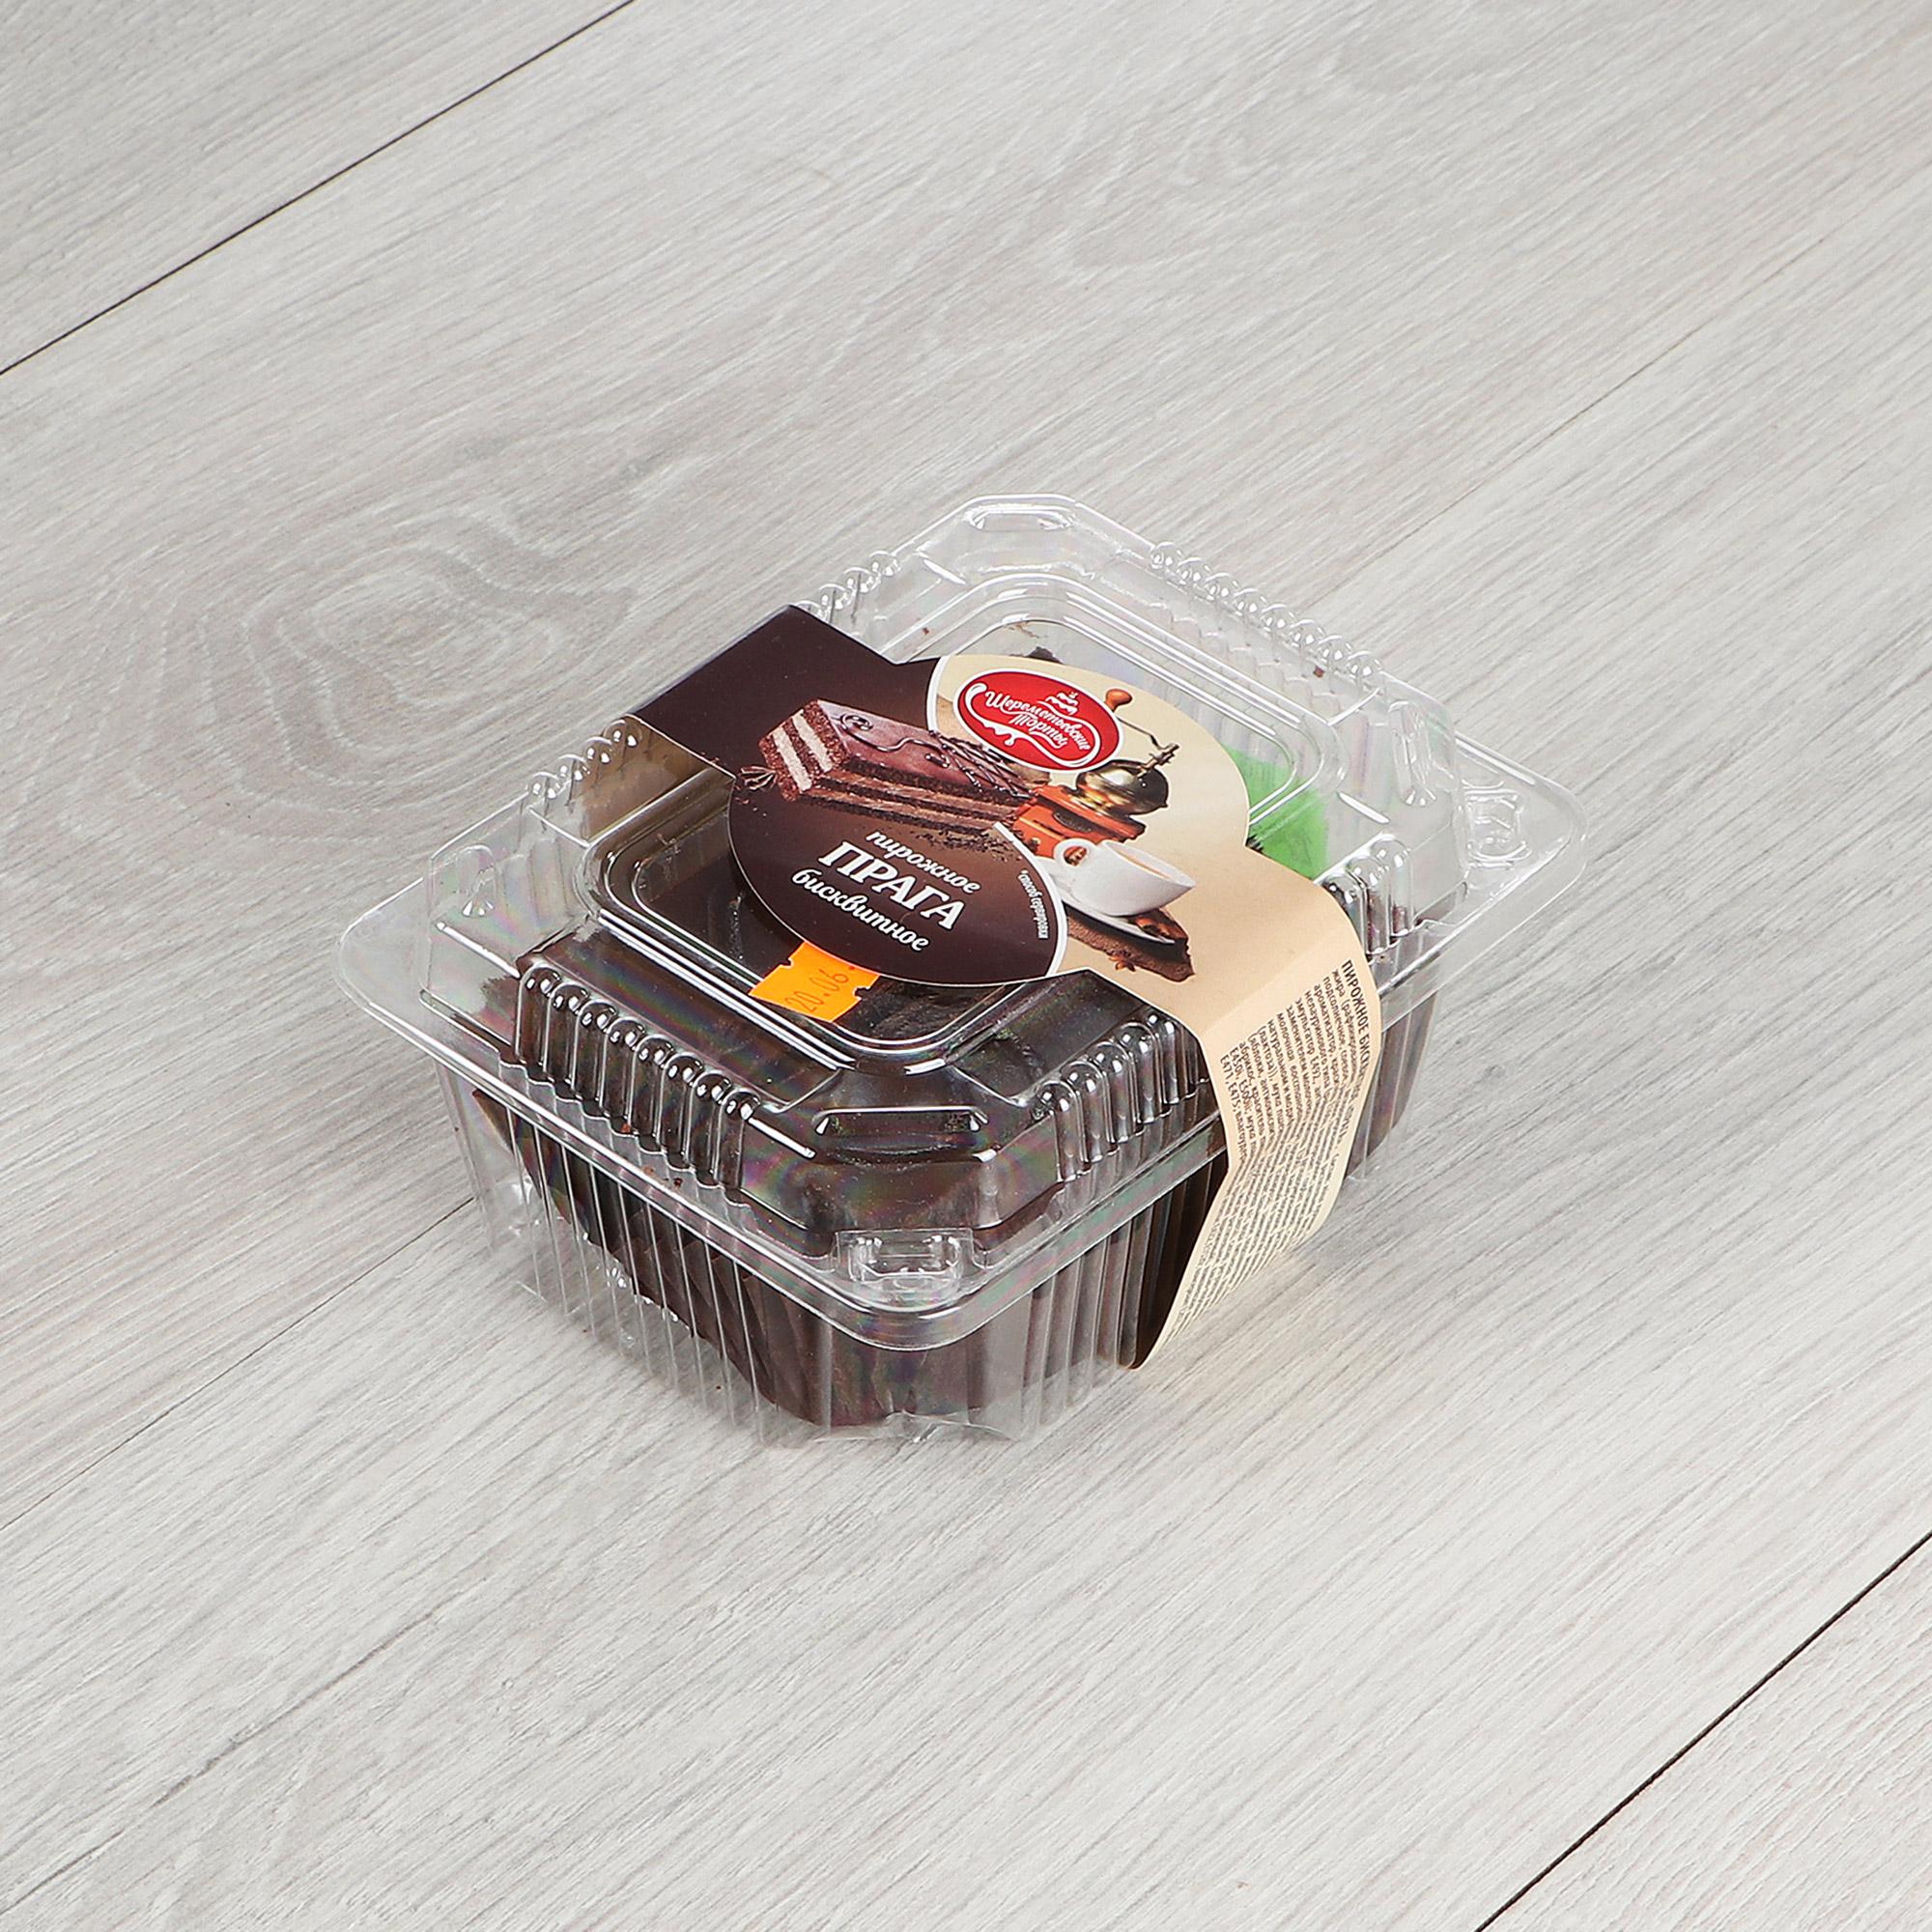 Пирожное Шереметьевские торты Прага 2 шт 140 г